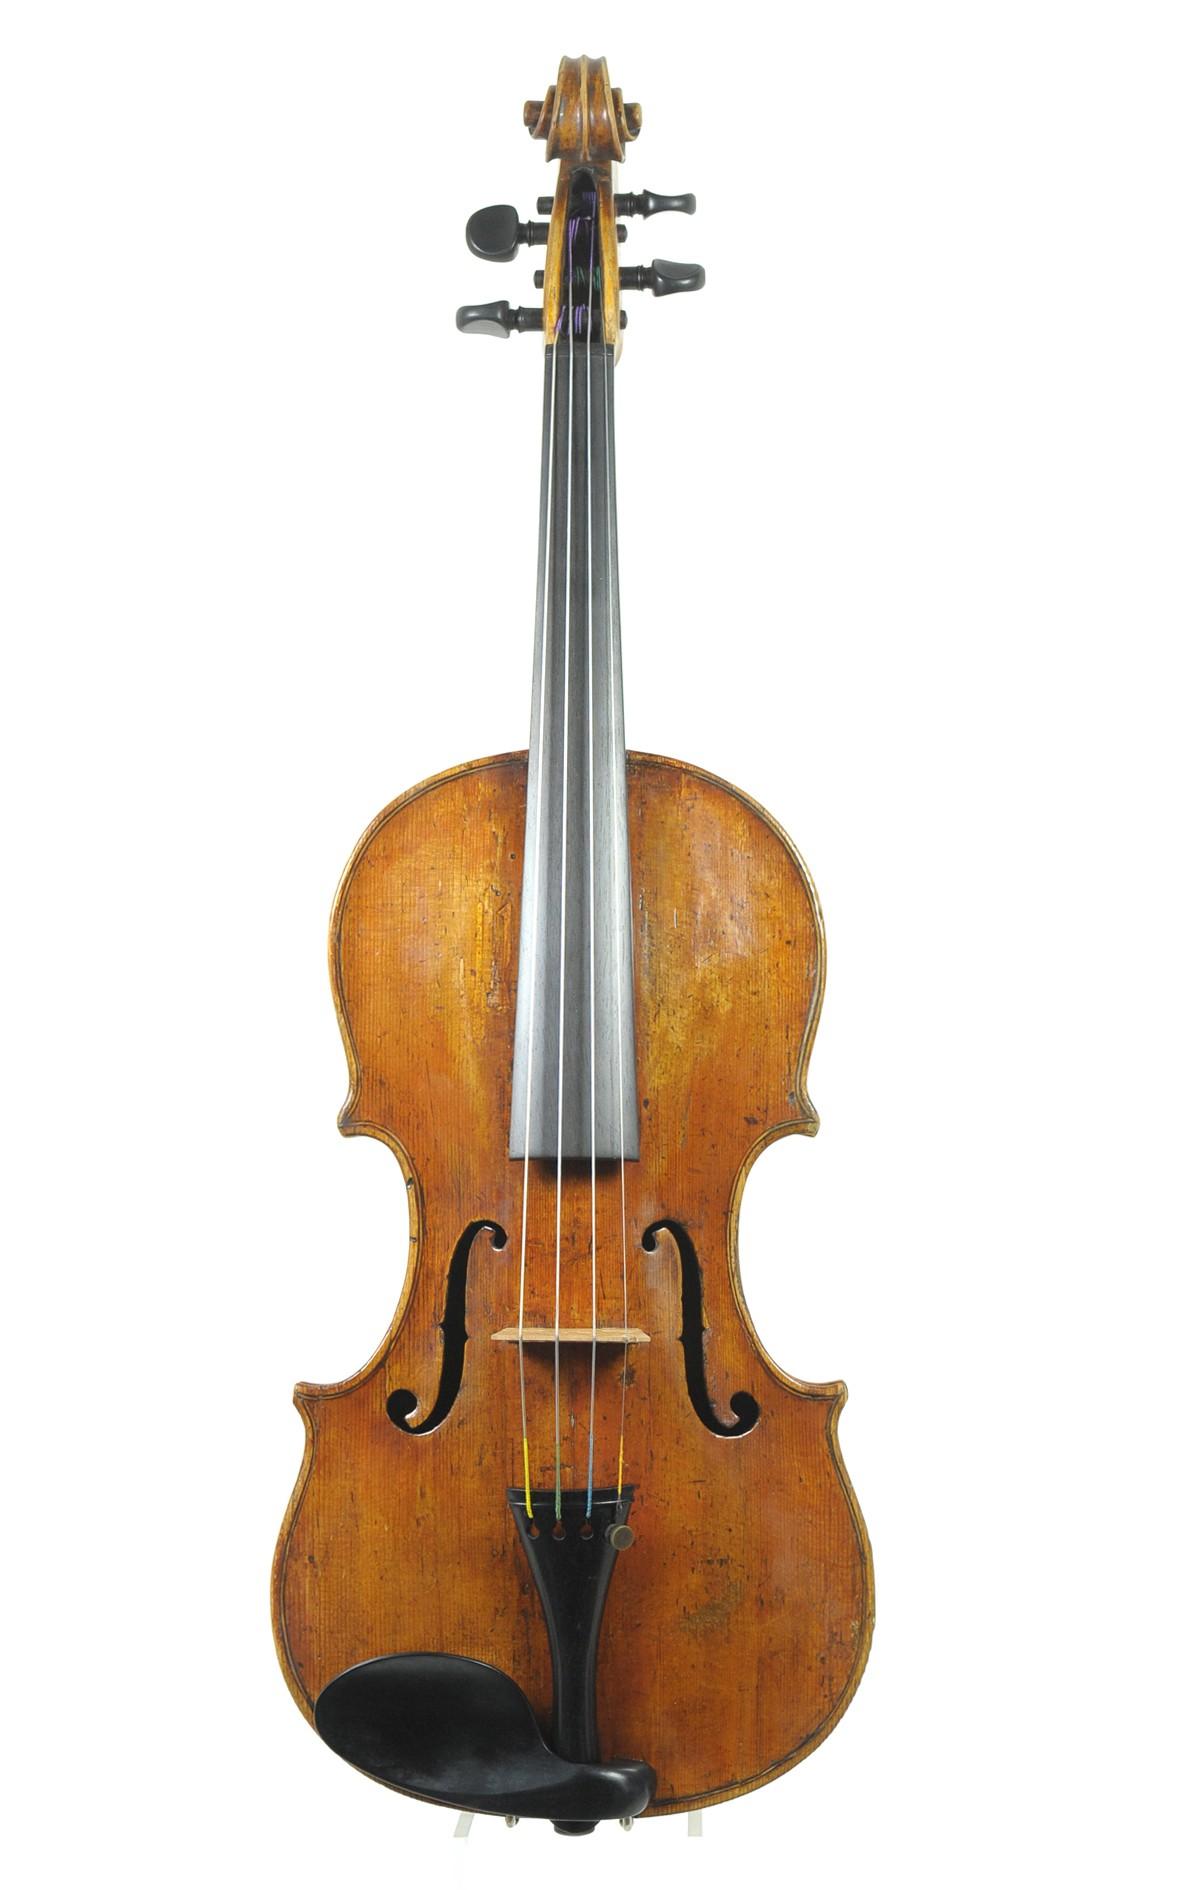 Fine Italian violin by Giulio Cesare Gigli, circa 1760